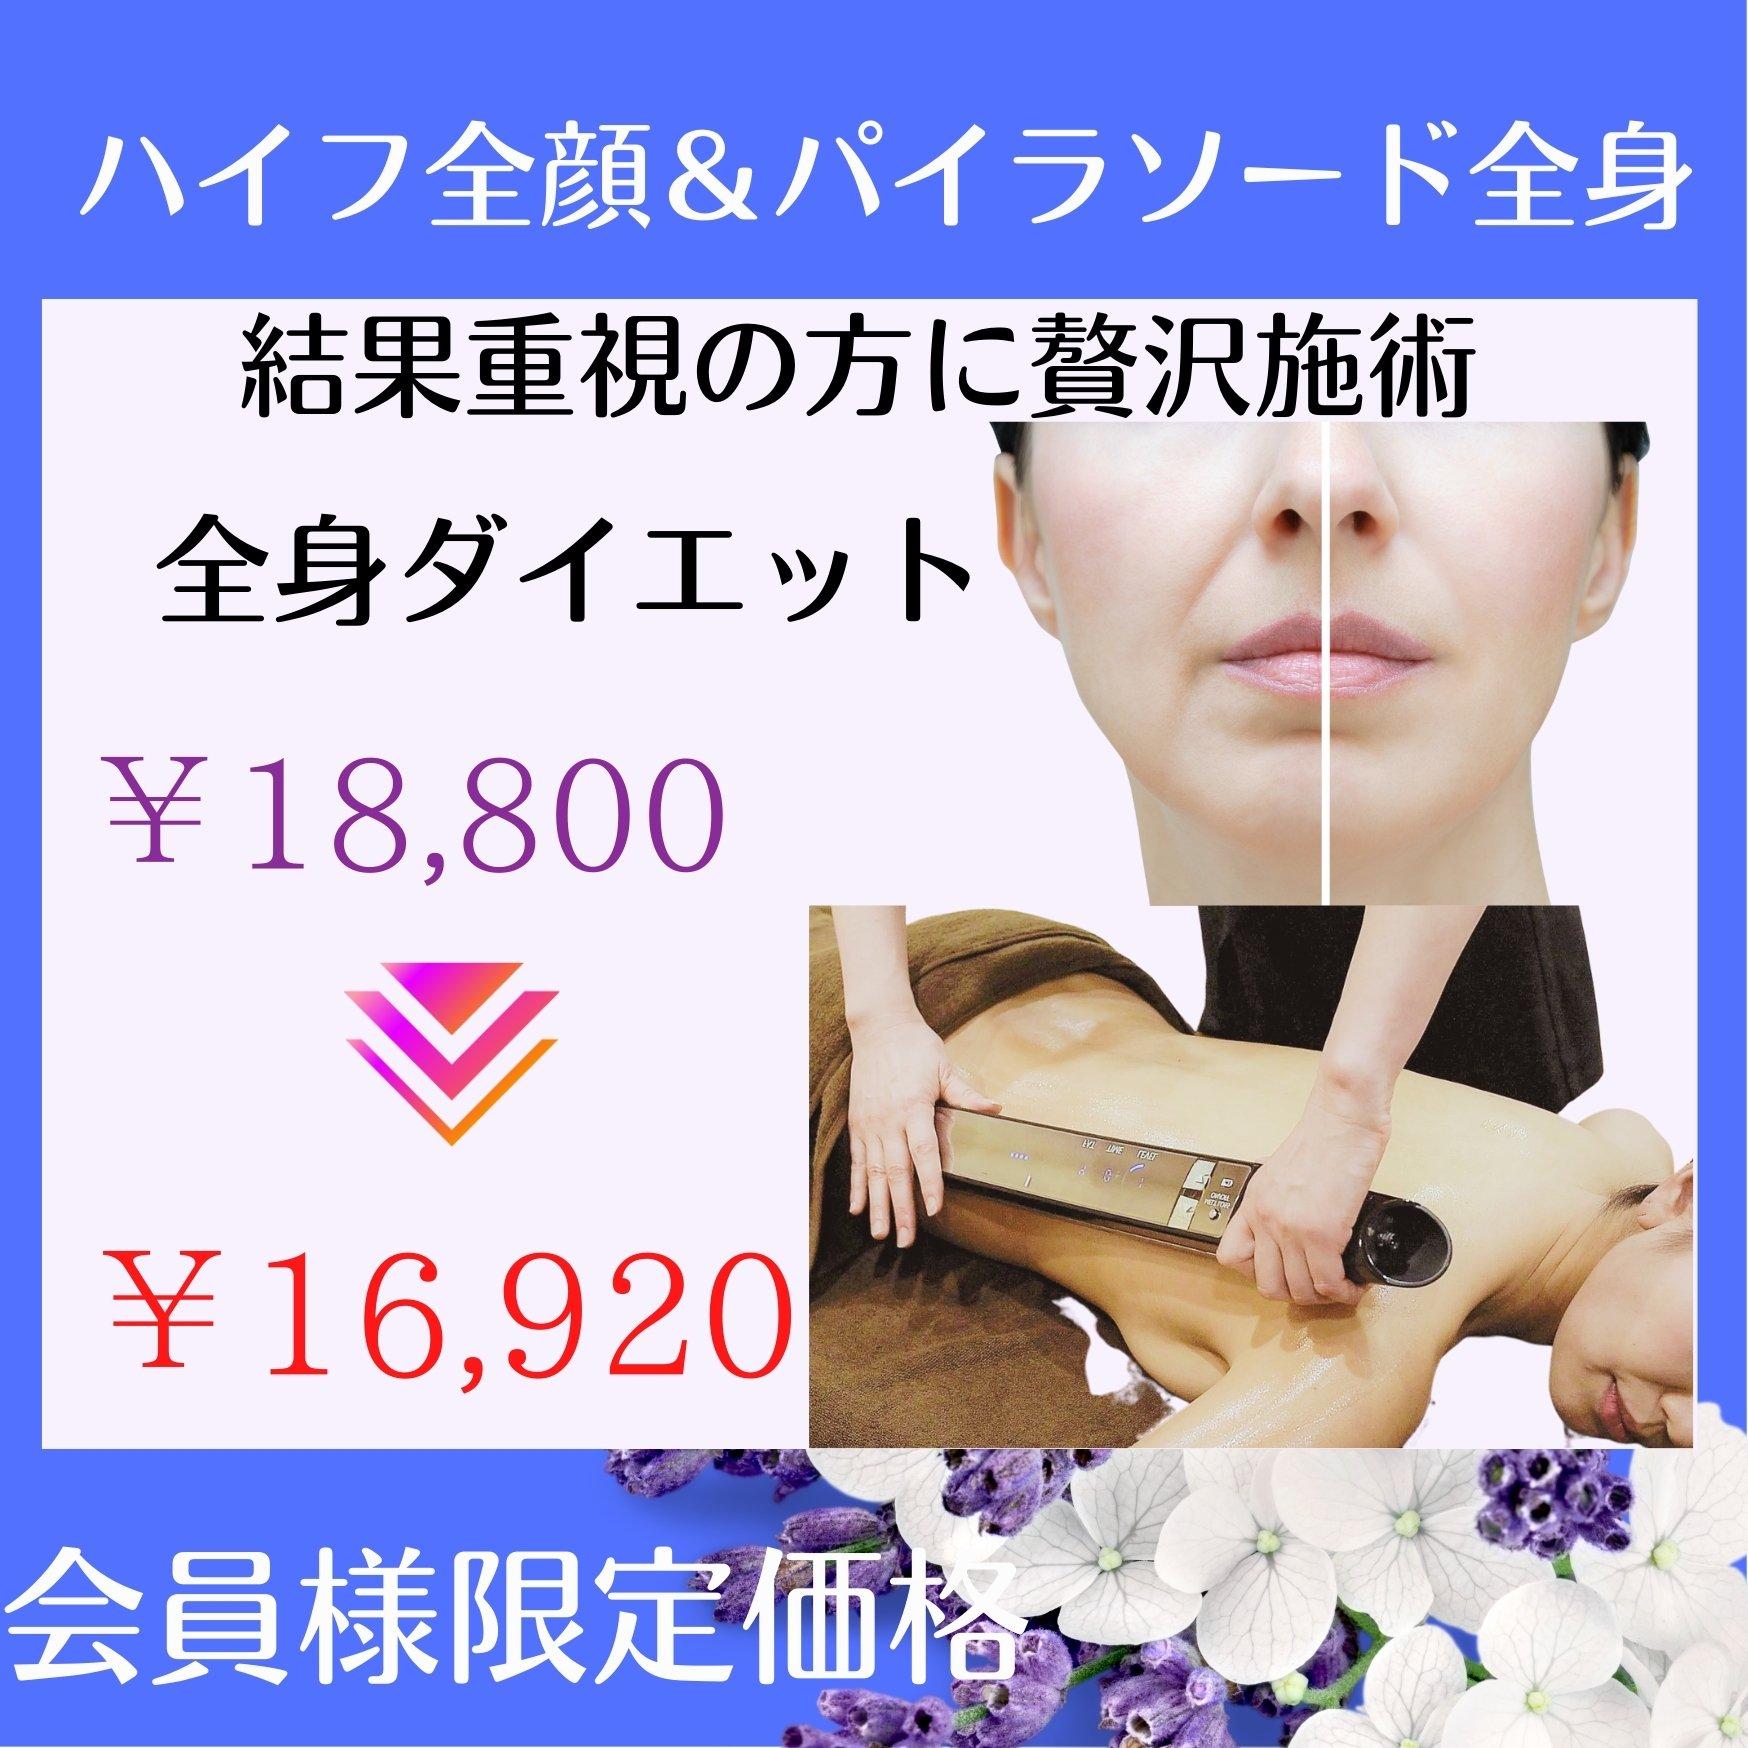 【会員様限定¥16920】3Dハイフ全顔×パイラソード全身ダイエットのイメージその1